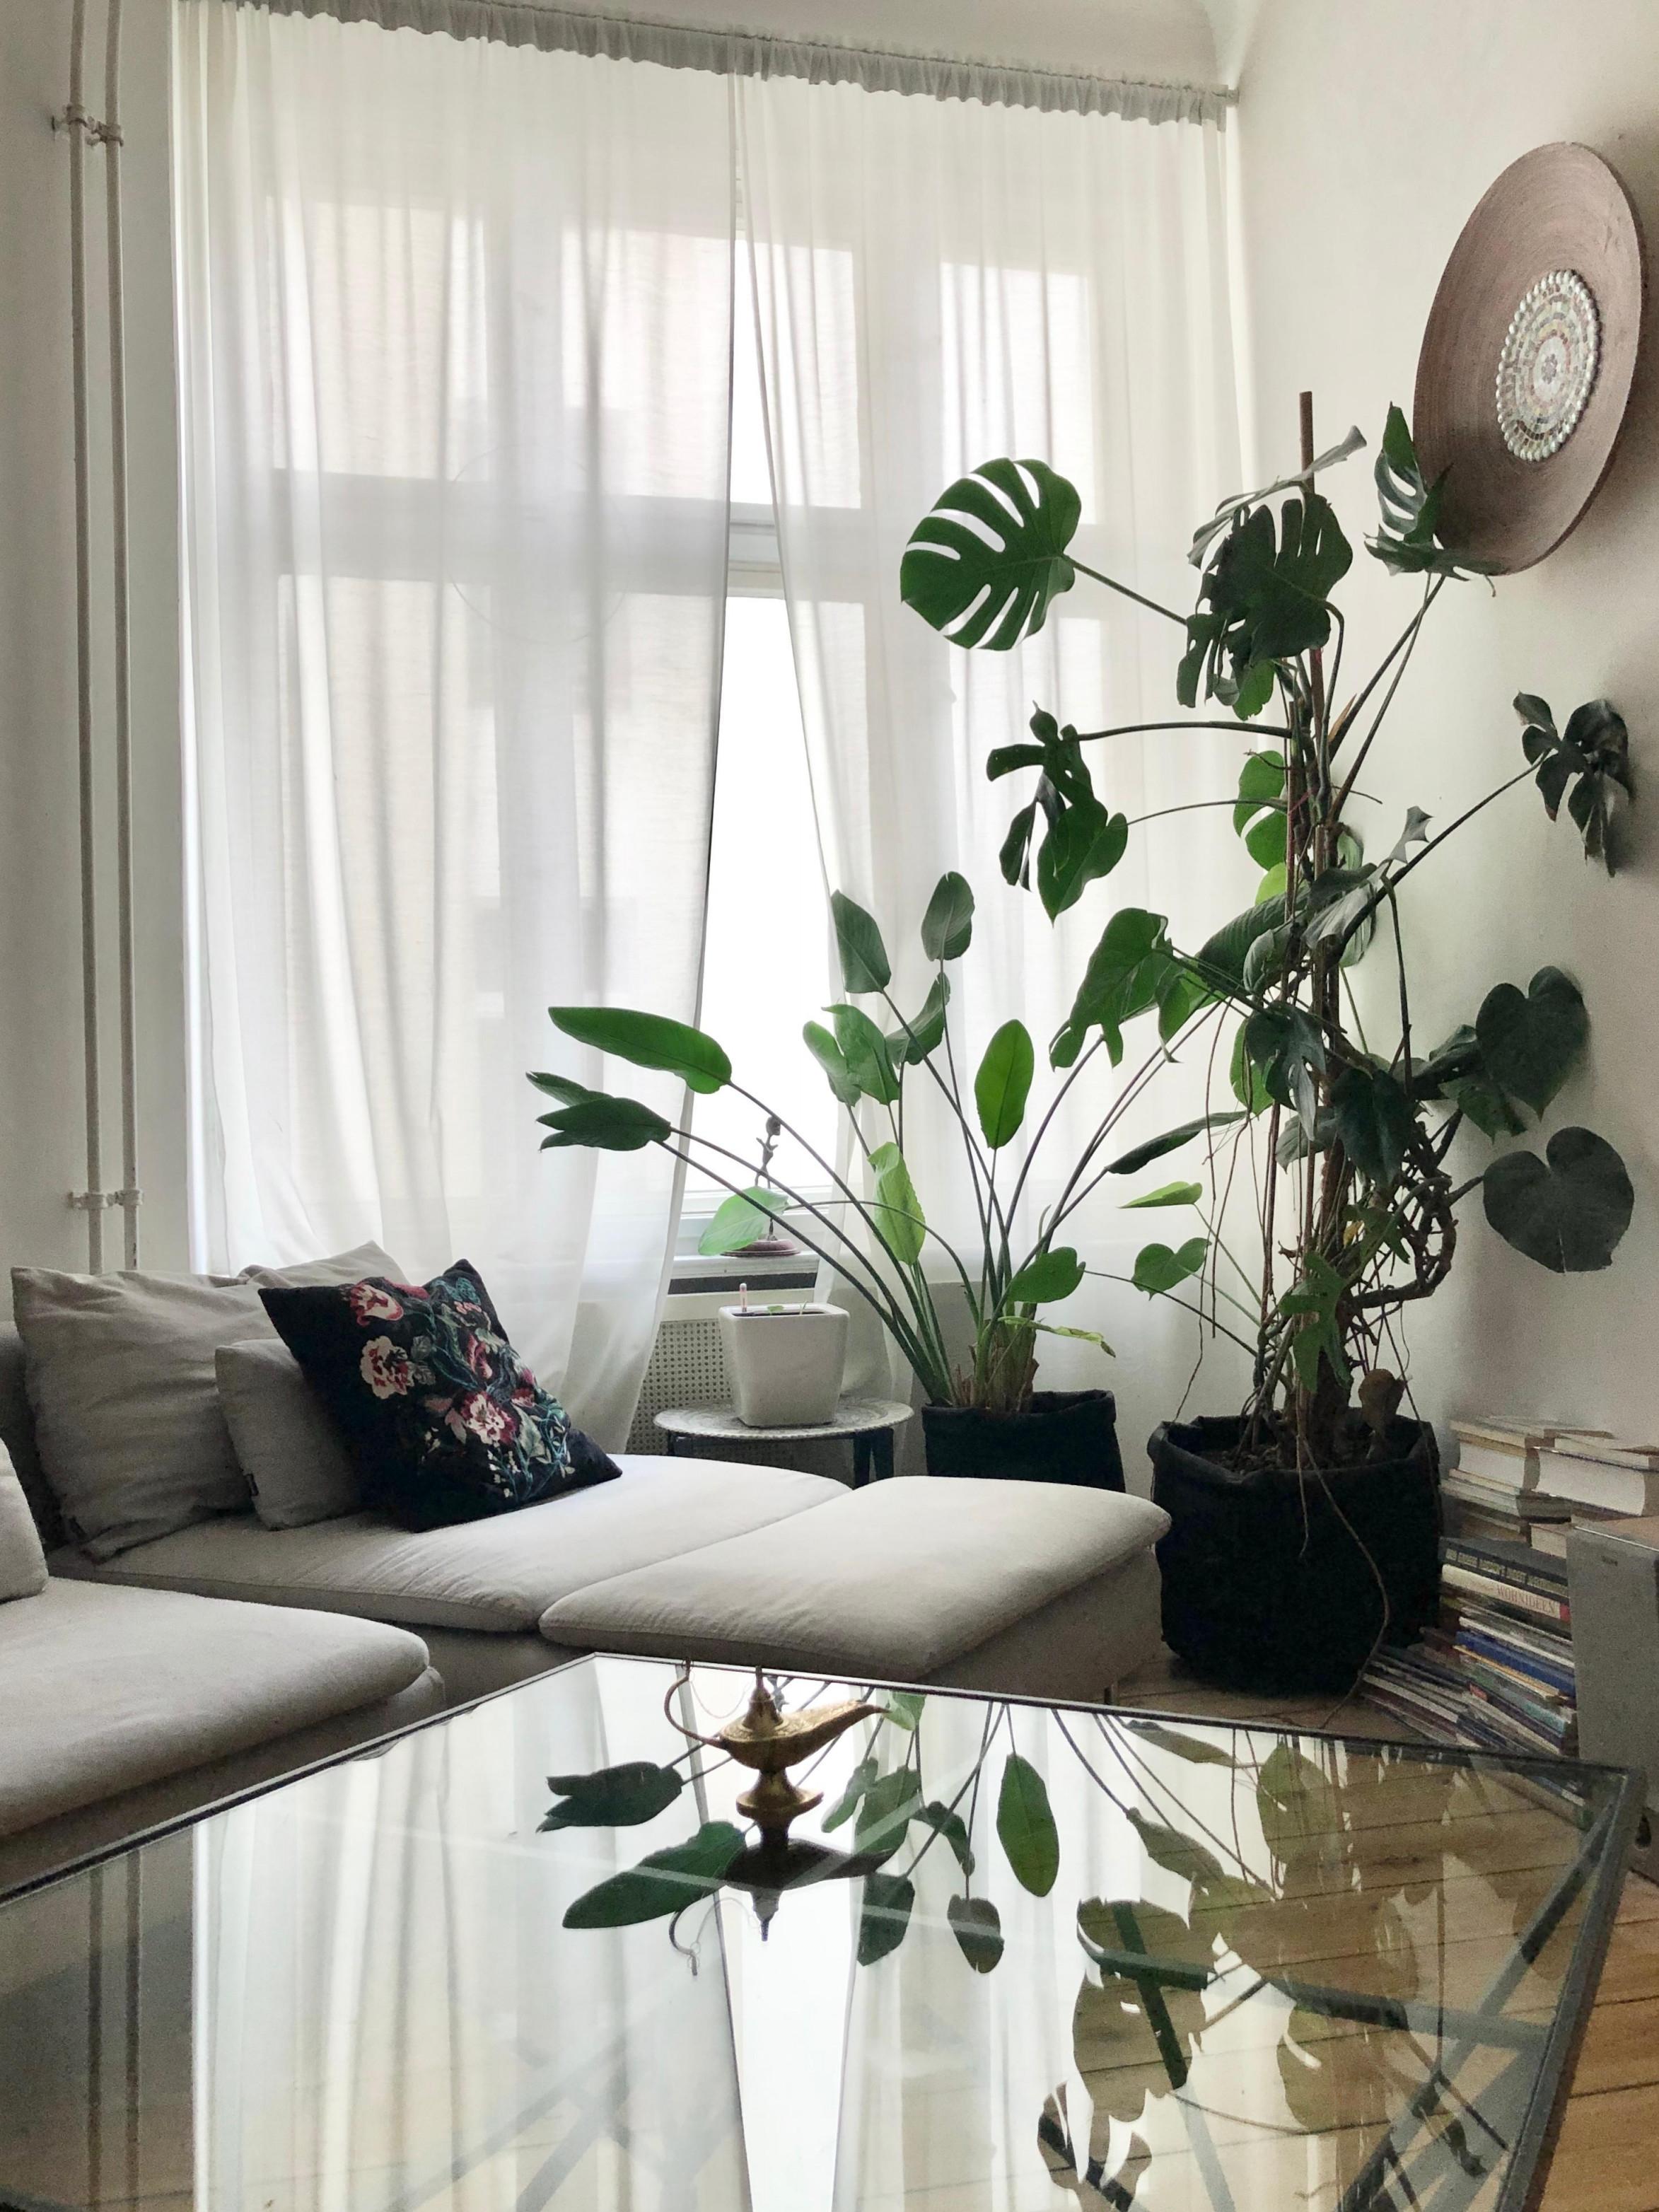 Gardinen – Praktisch Und Schön So Geht's von Gardinen Ideen Für Wohnzimmer Bild